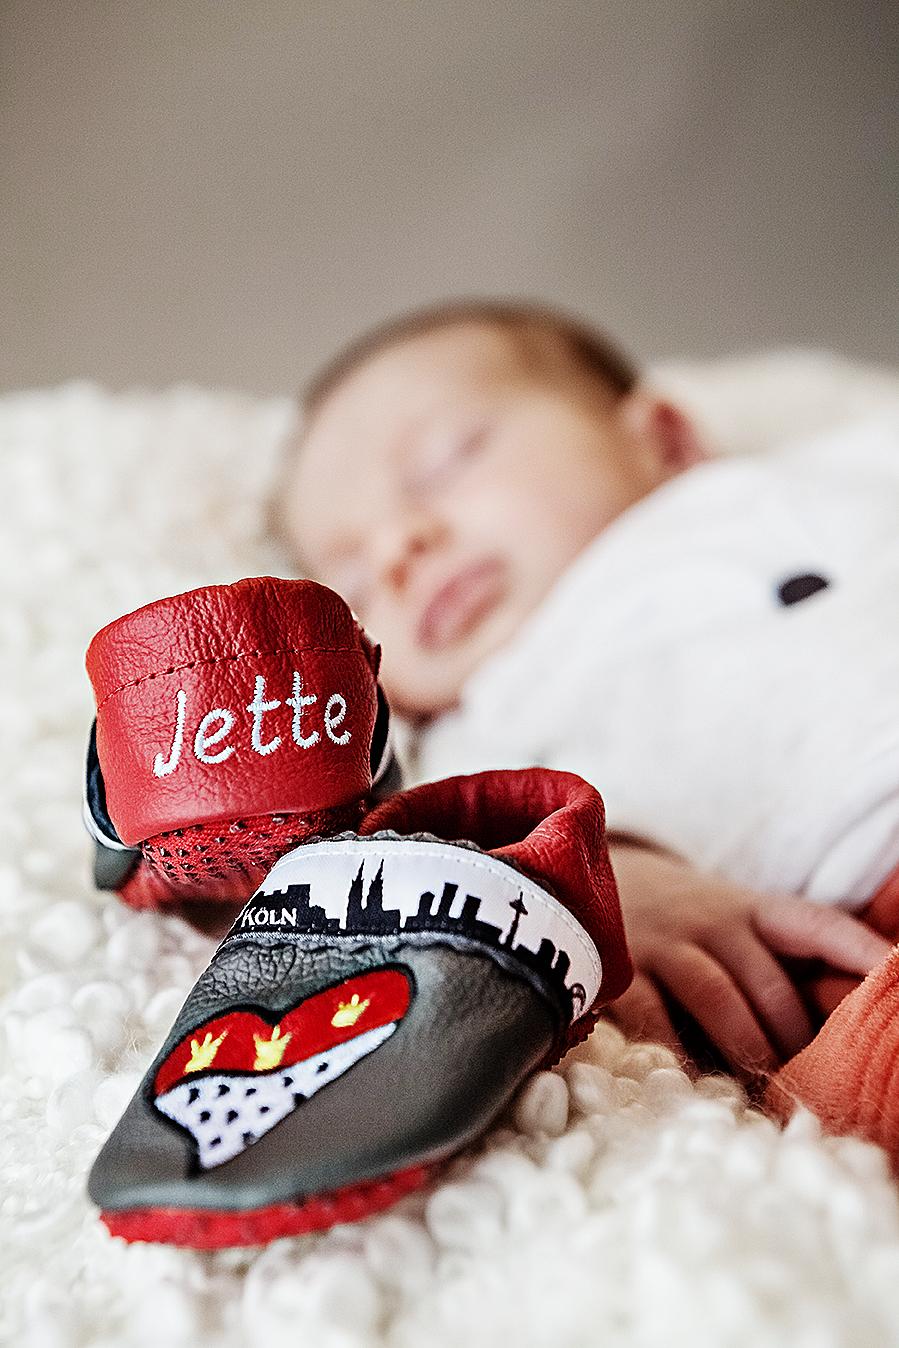 Jette-0155